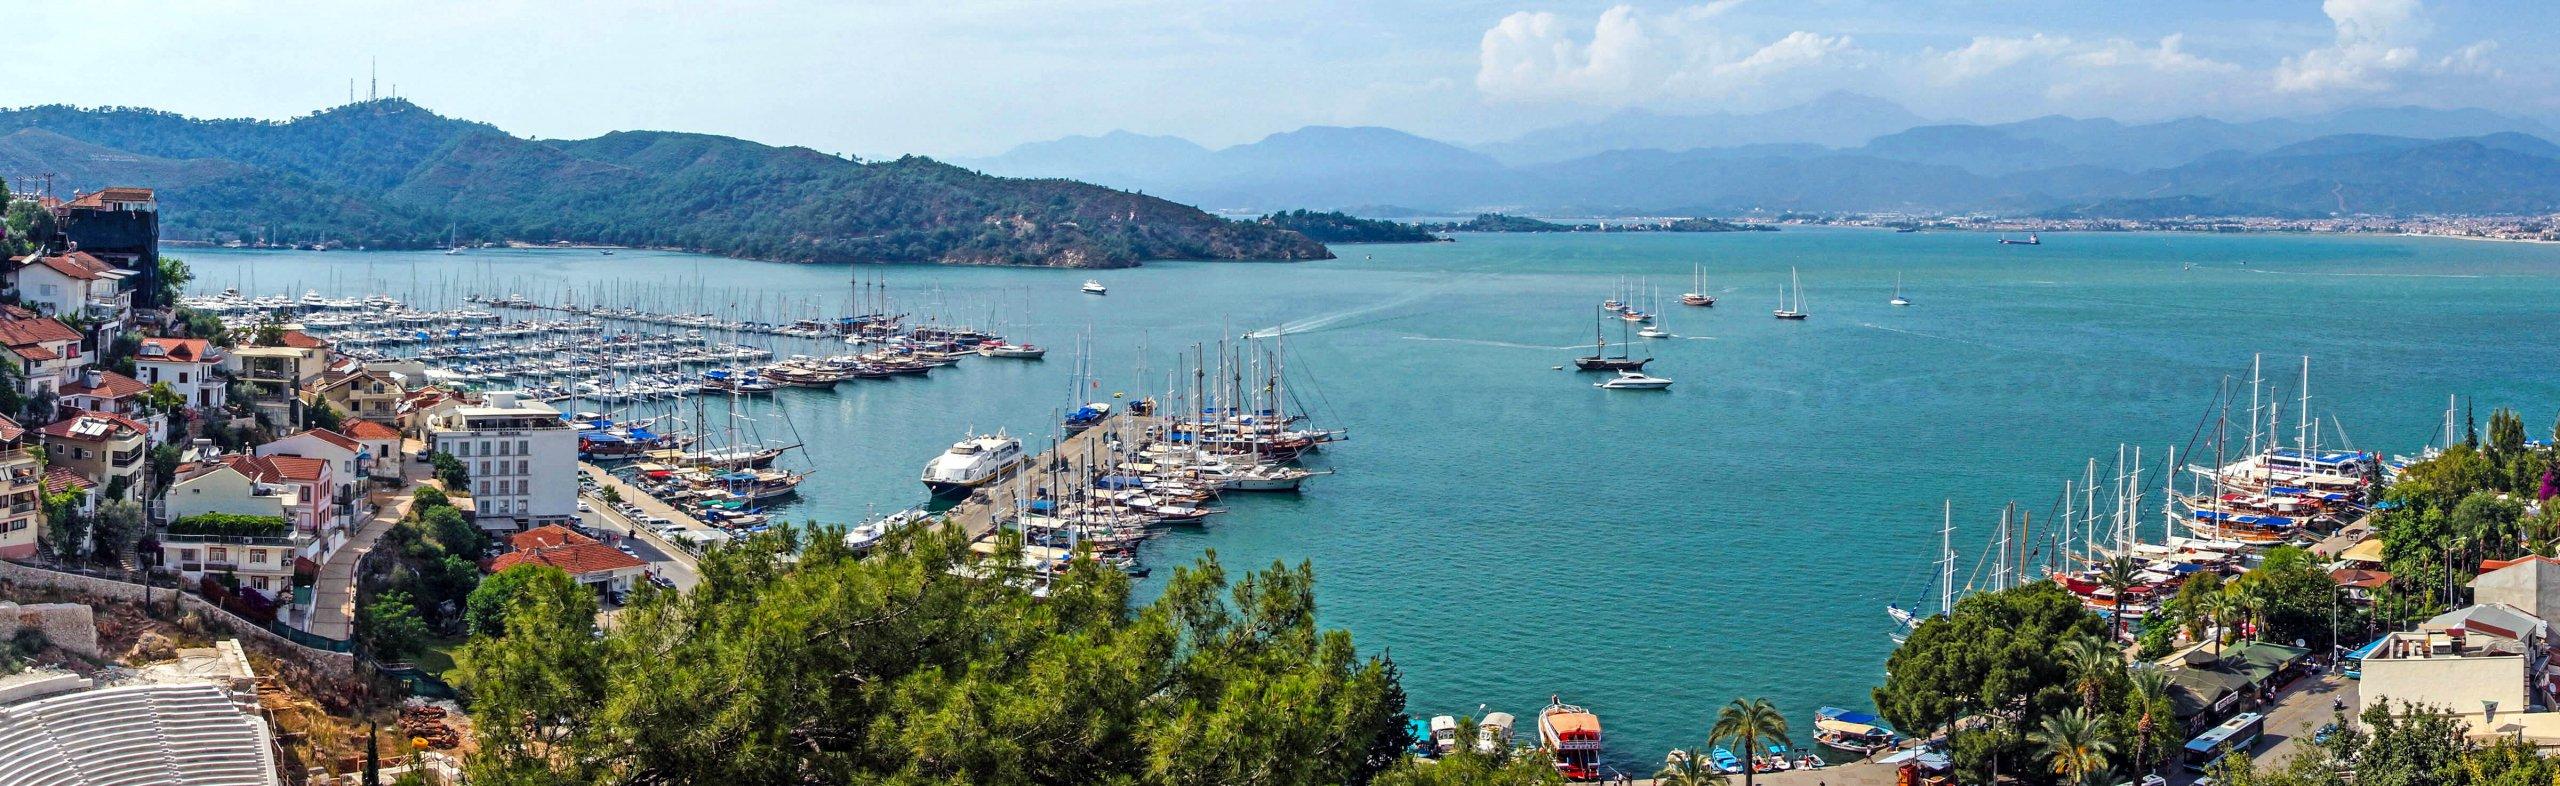 harbor  of Marmaris